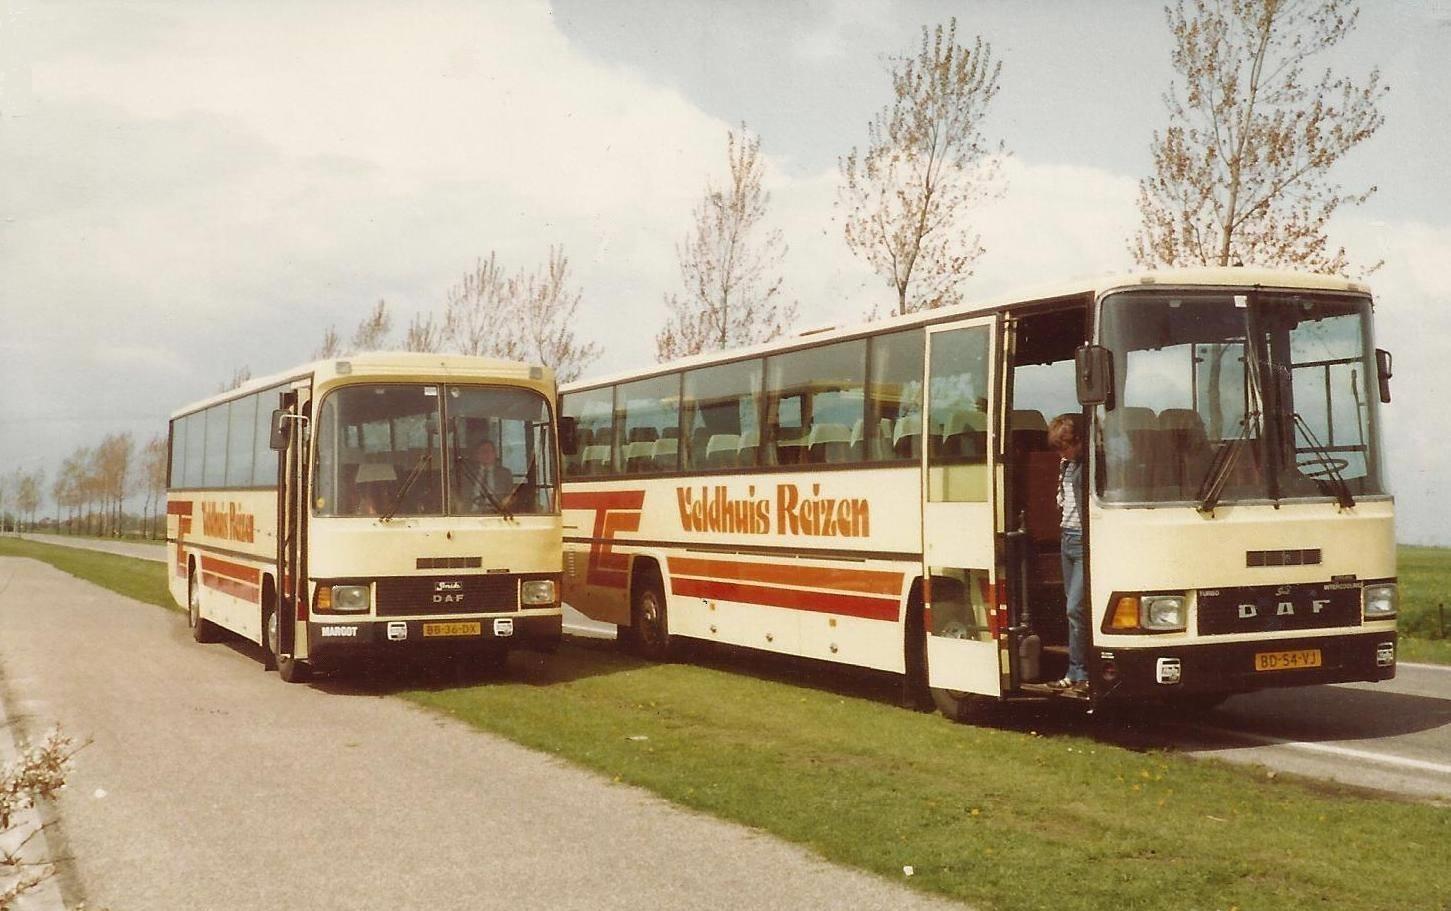 bus-nr-31--B--Veldhuis-in-de-nieuwste-aanwinst-onderweg-van-Smit-uit-Joure-naar-Aalten-1983--Rechts-bus-30-met-zoon-Bernie